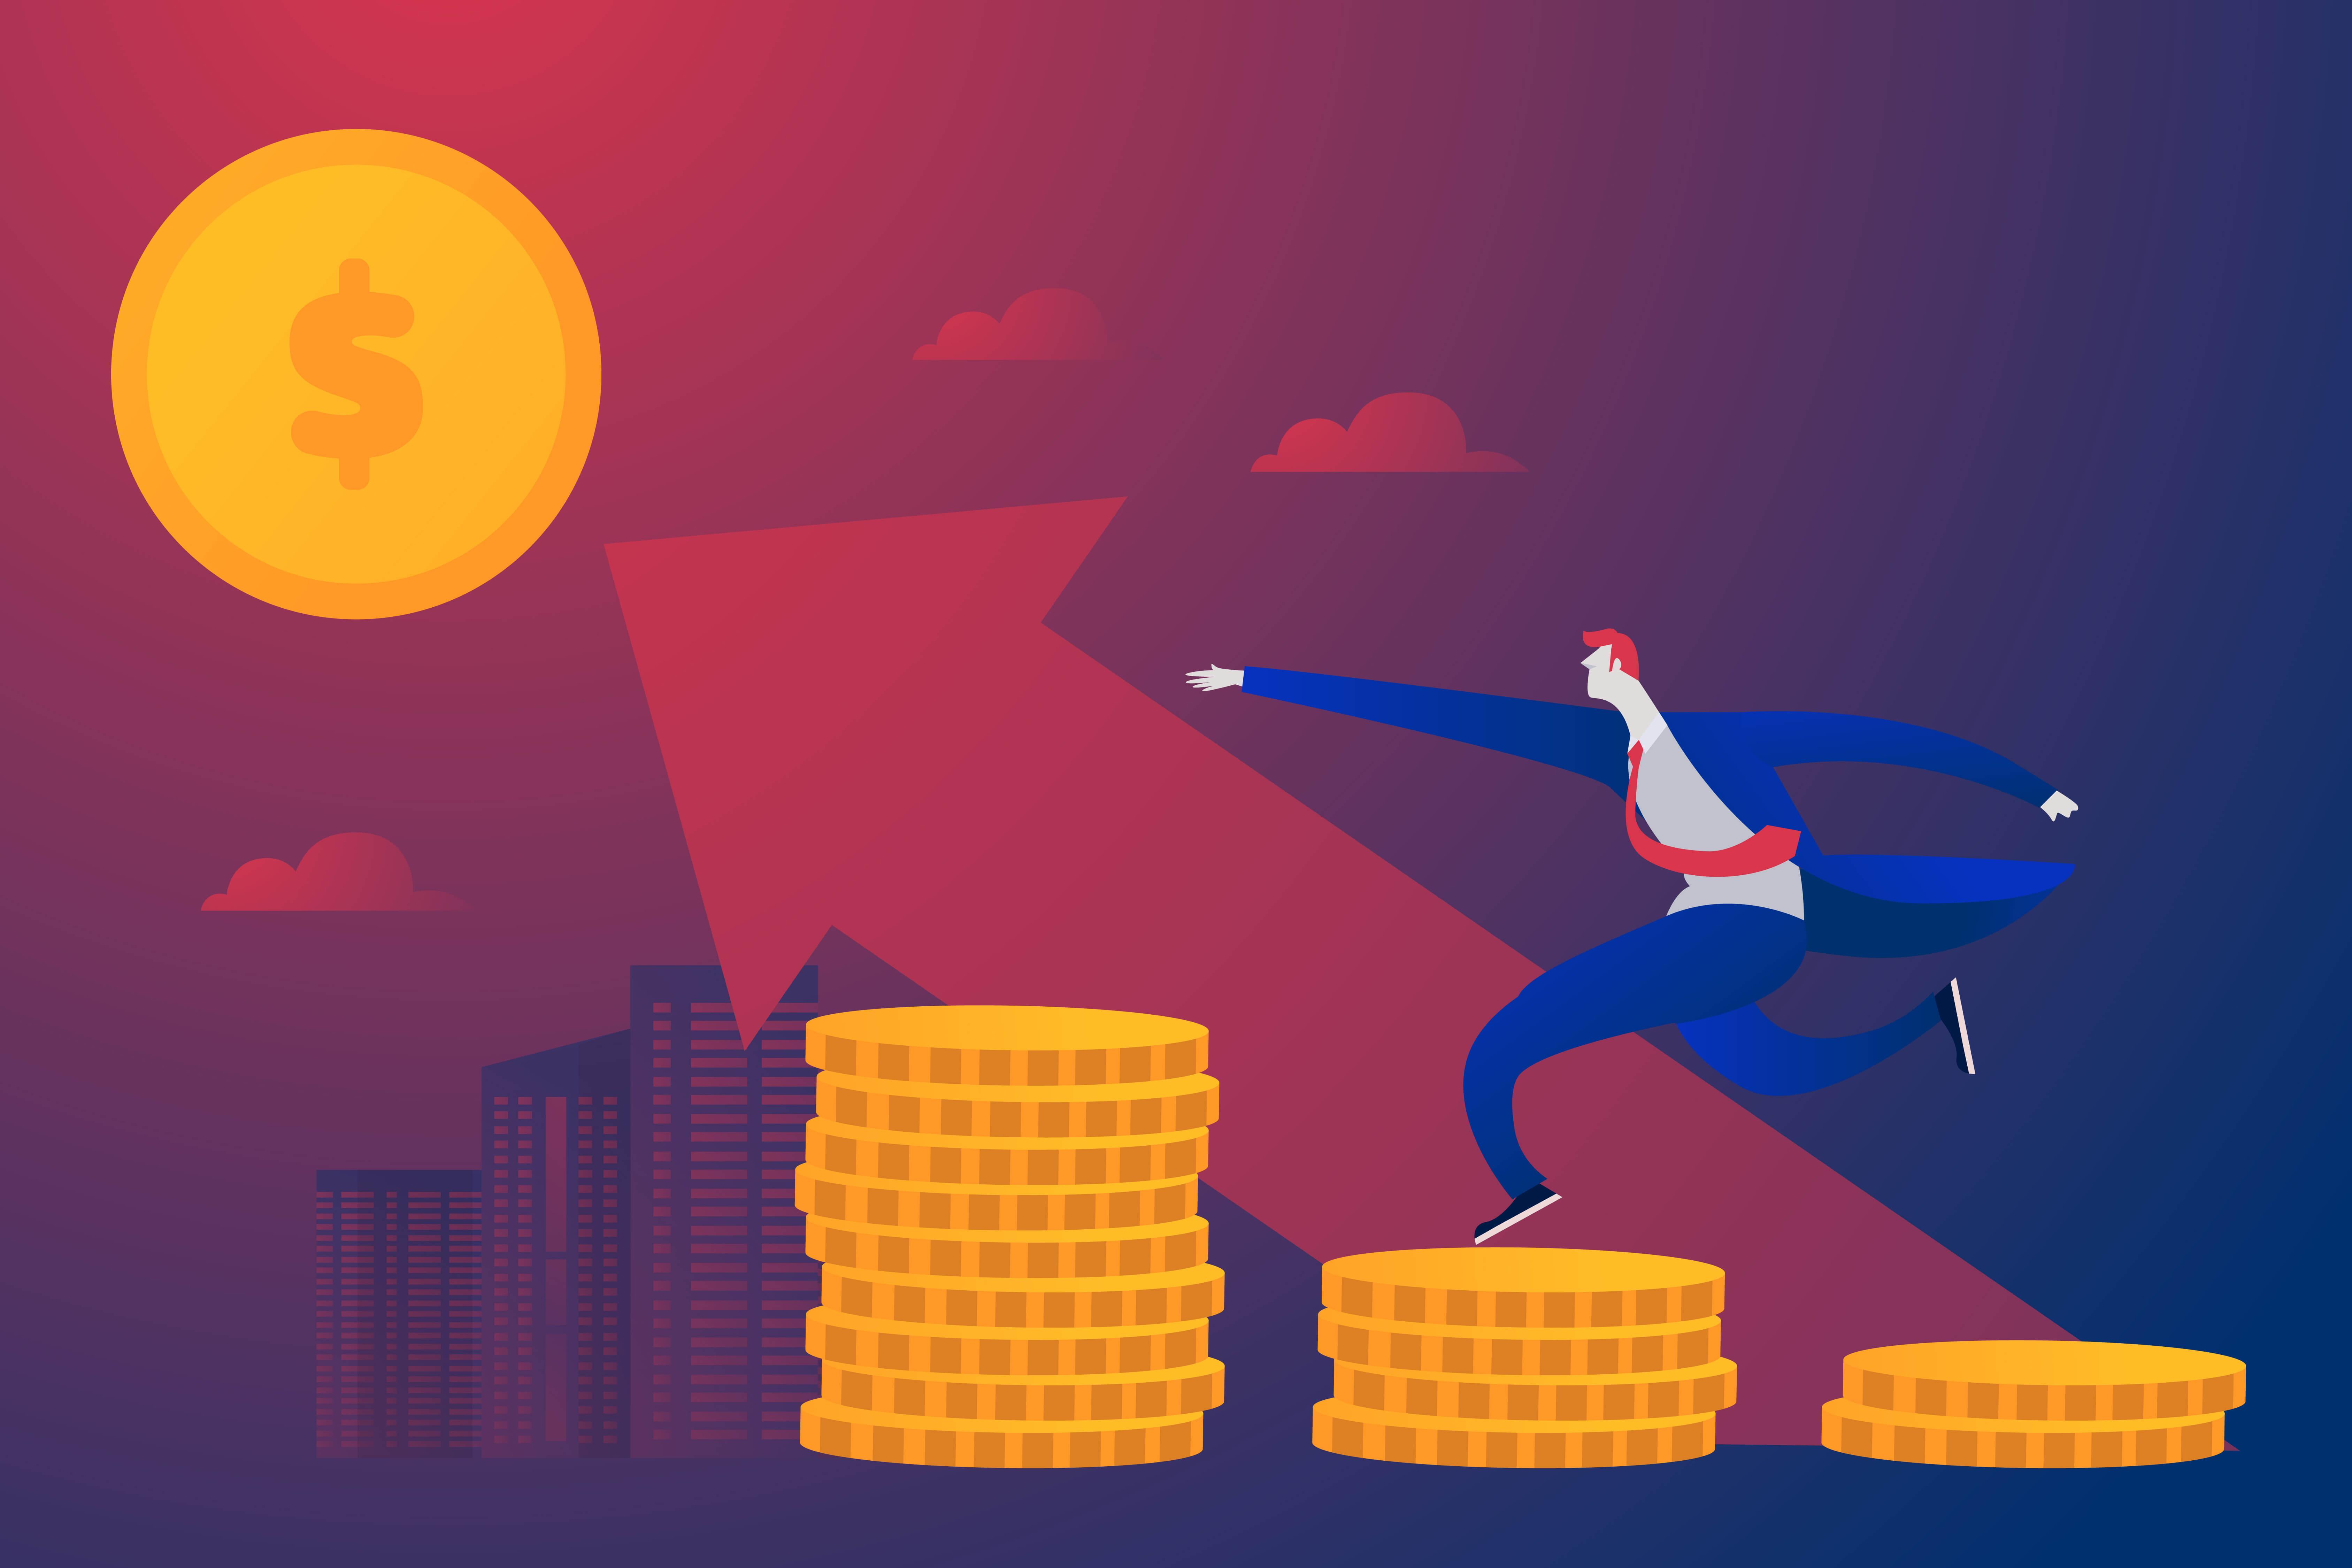 neue händler für binäre optionen bitcoin 500